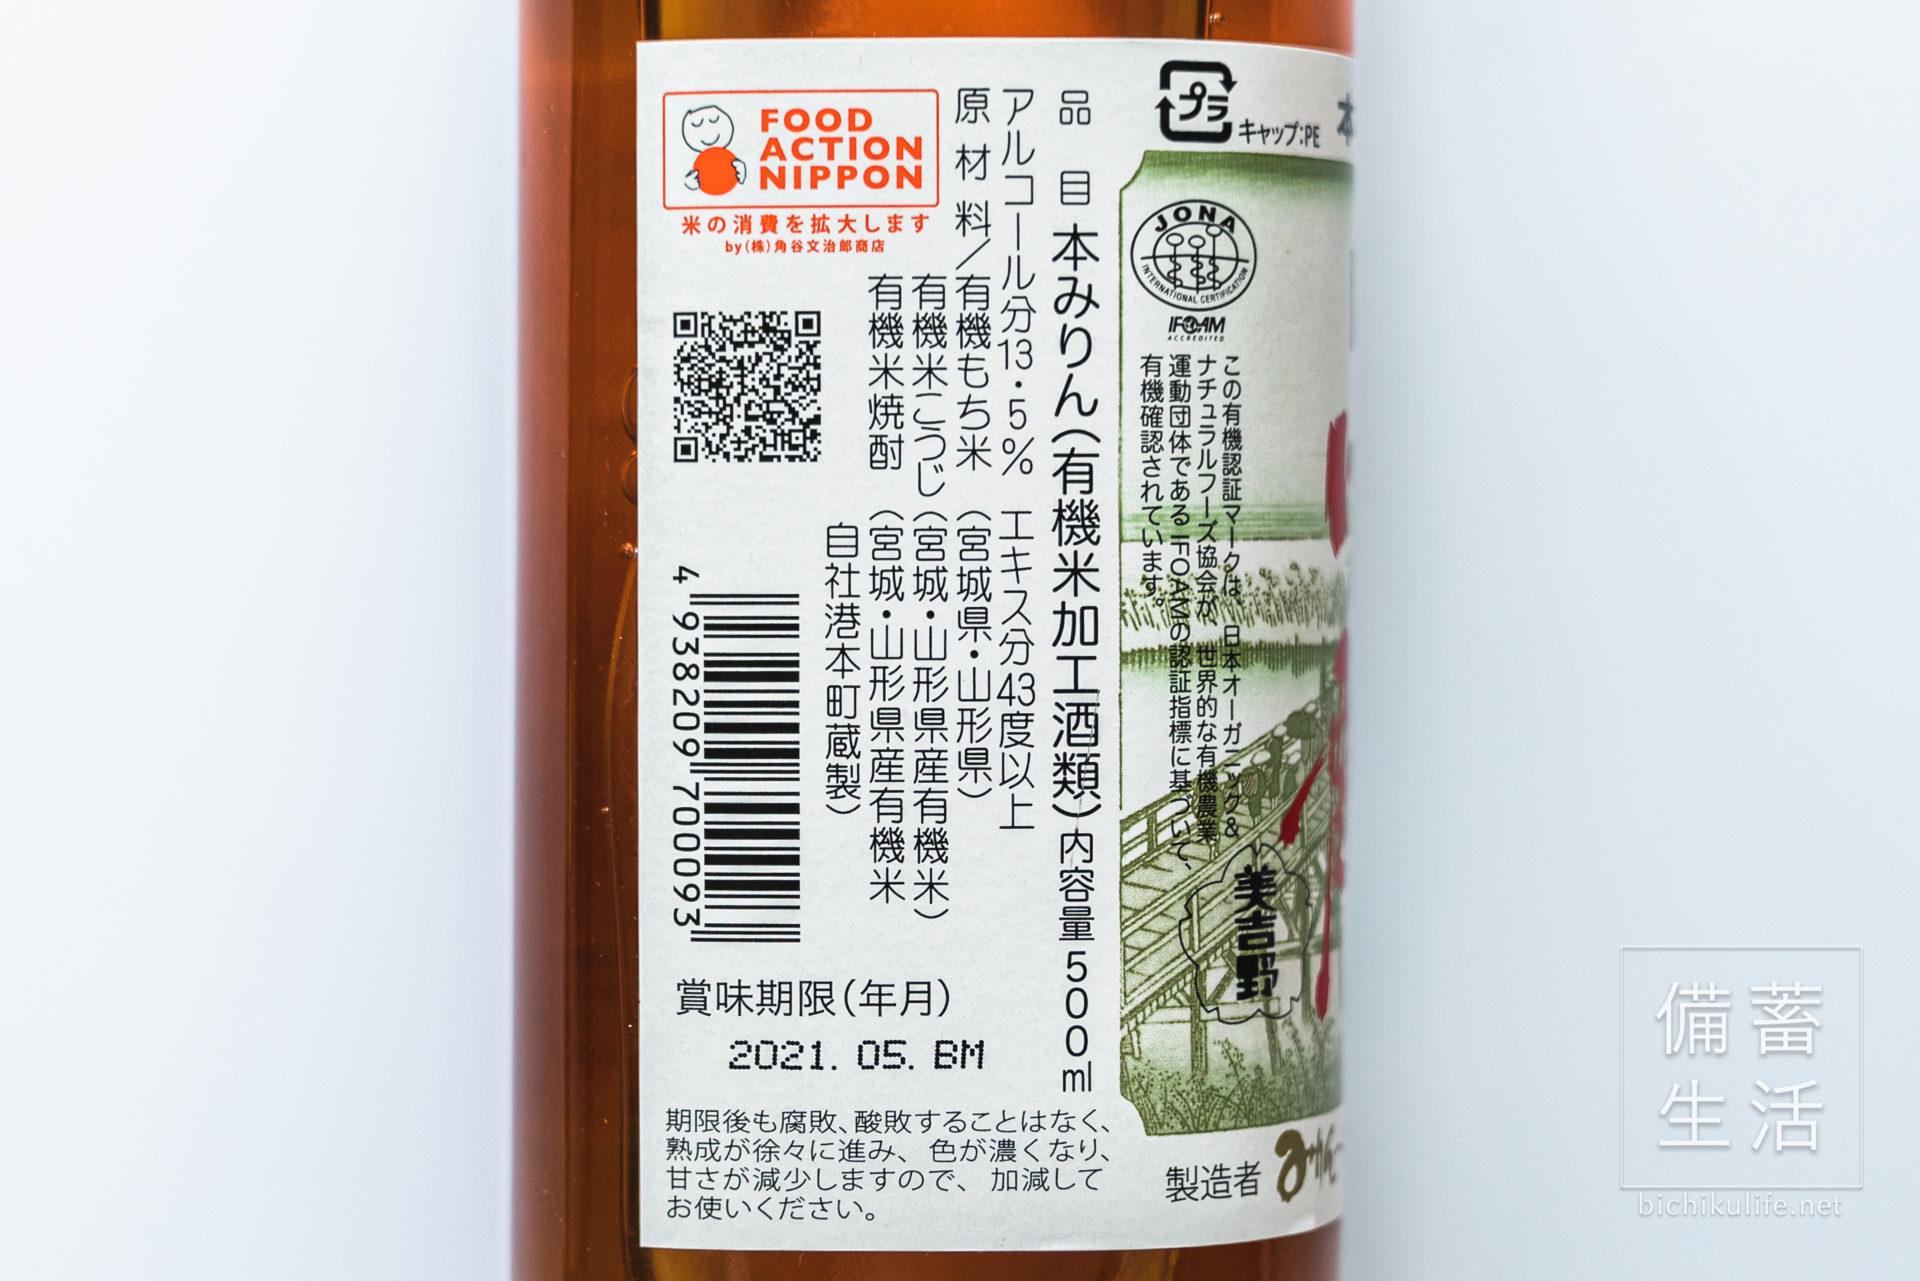 角谷文治郎商店 有機三州味醂 (有機みりん)、商品概要